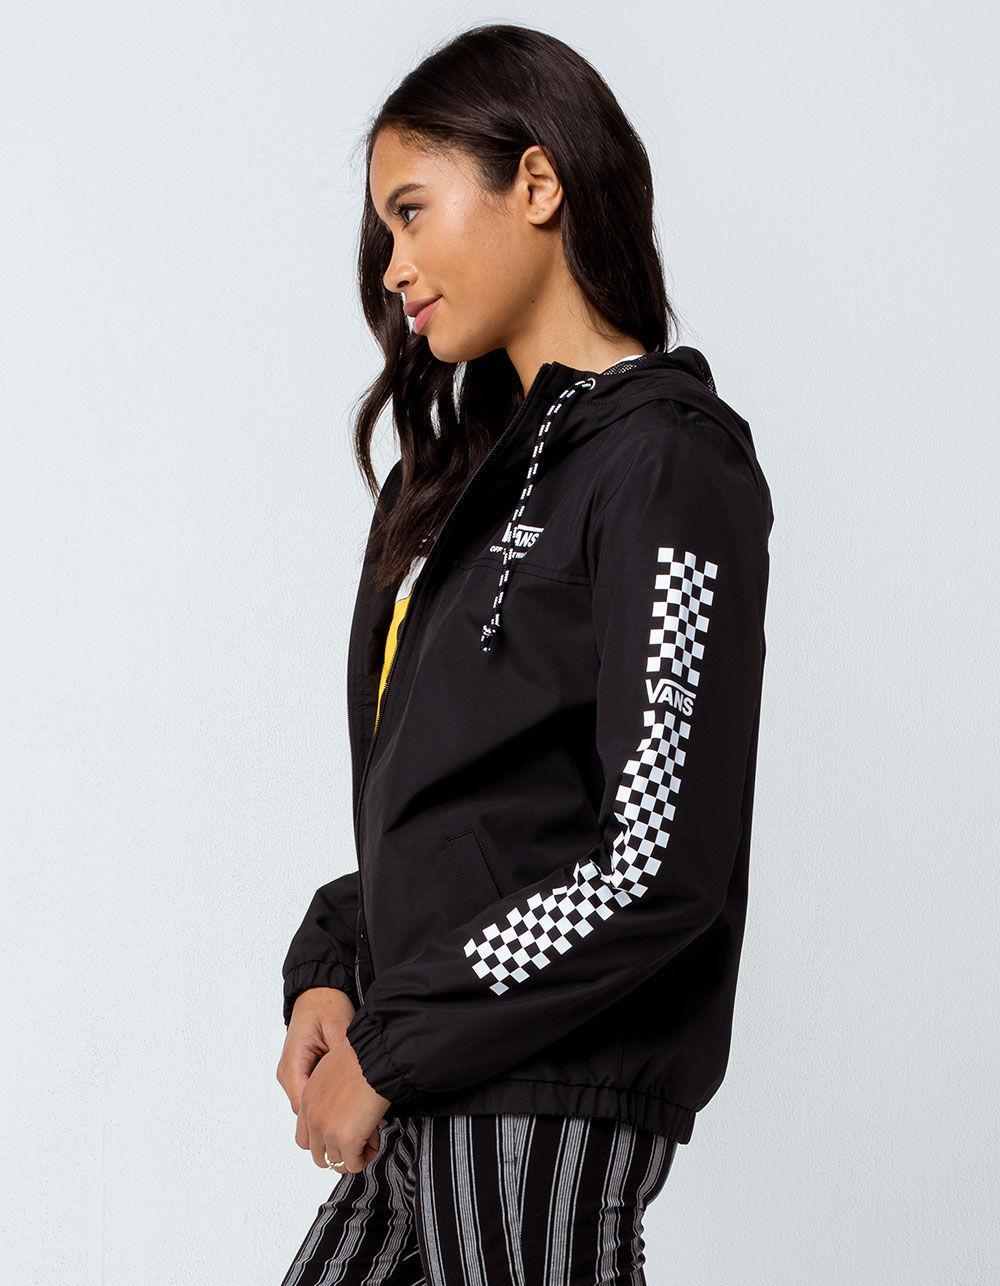 91f3e359e Vans Black Kastle Ii Funday Womens Windbreaker Jacket